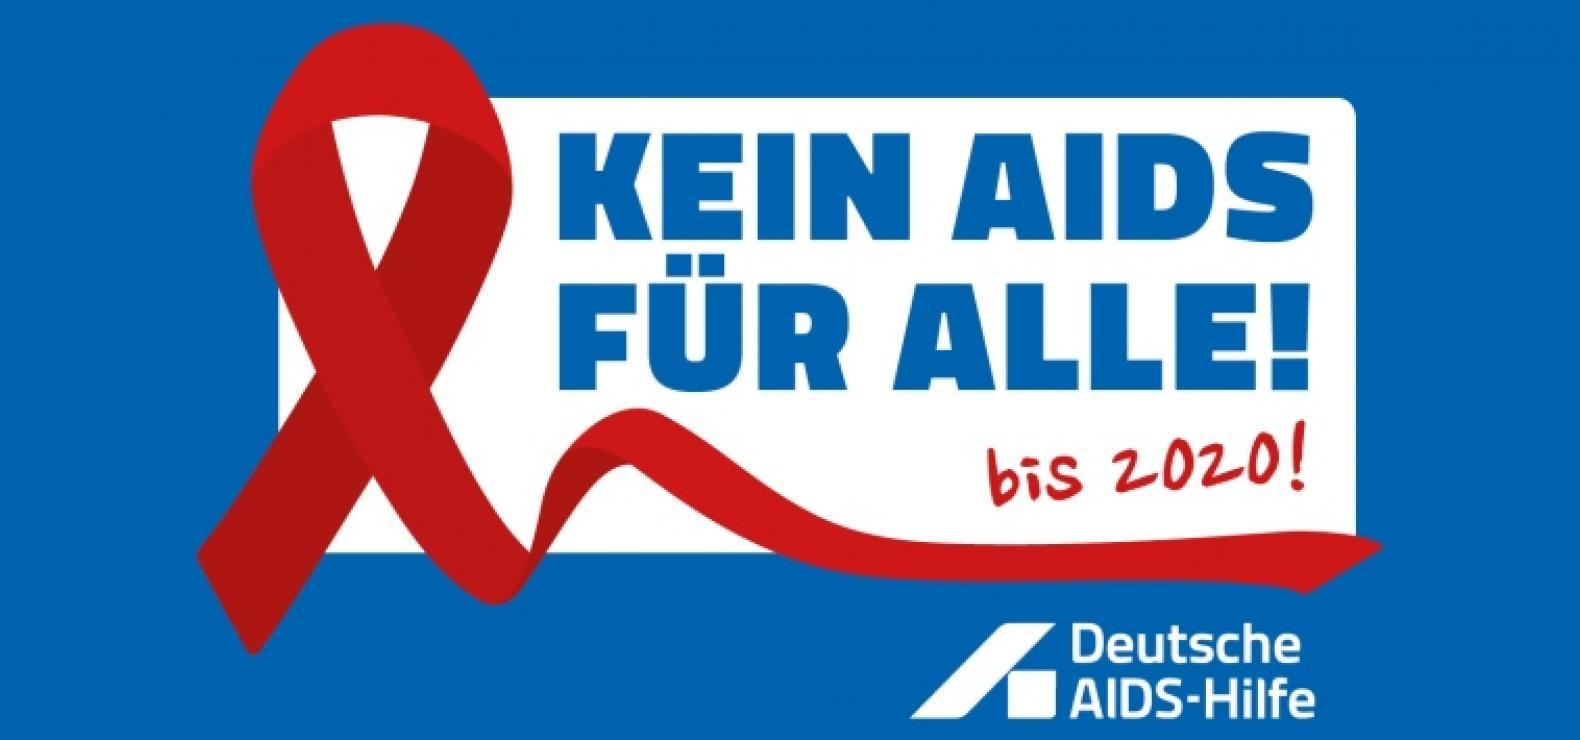 Ein weißer Kasten auf blauem Hintergrund mit dem Text: Kein Aids für alle! Bis 2020! Daneben eine rote AIds-Schleife, darunter der Schriftzug der Deutschen AIDS-Hilfe in weiß